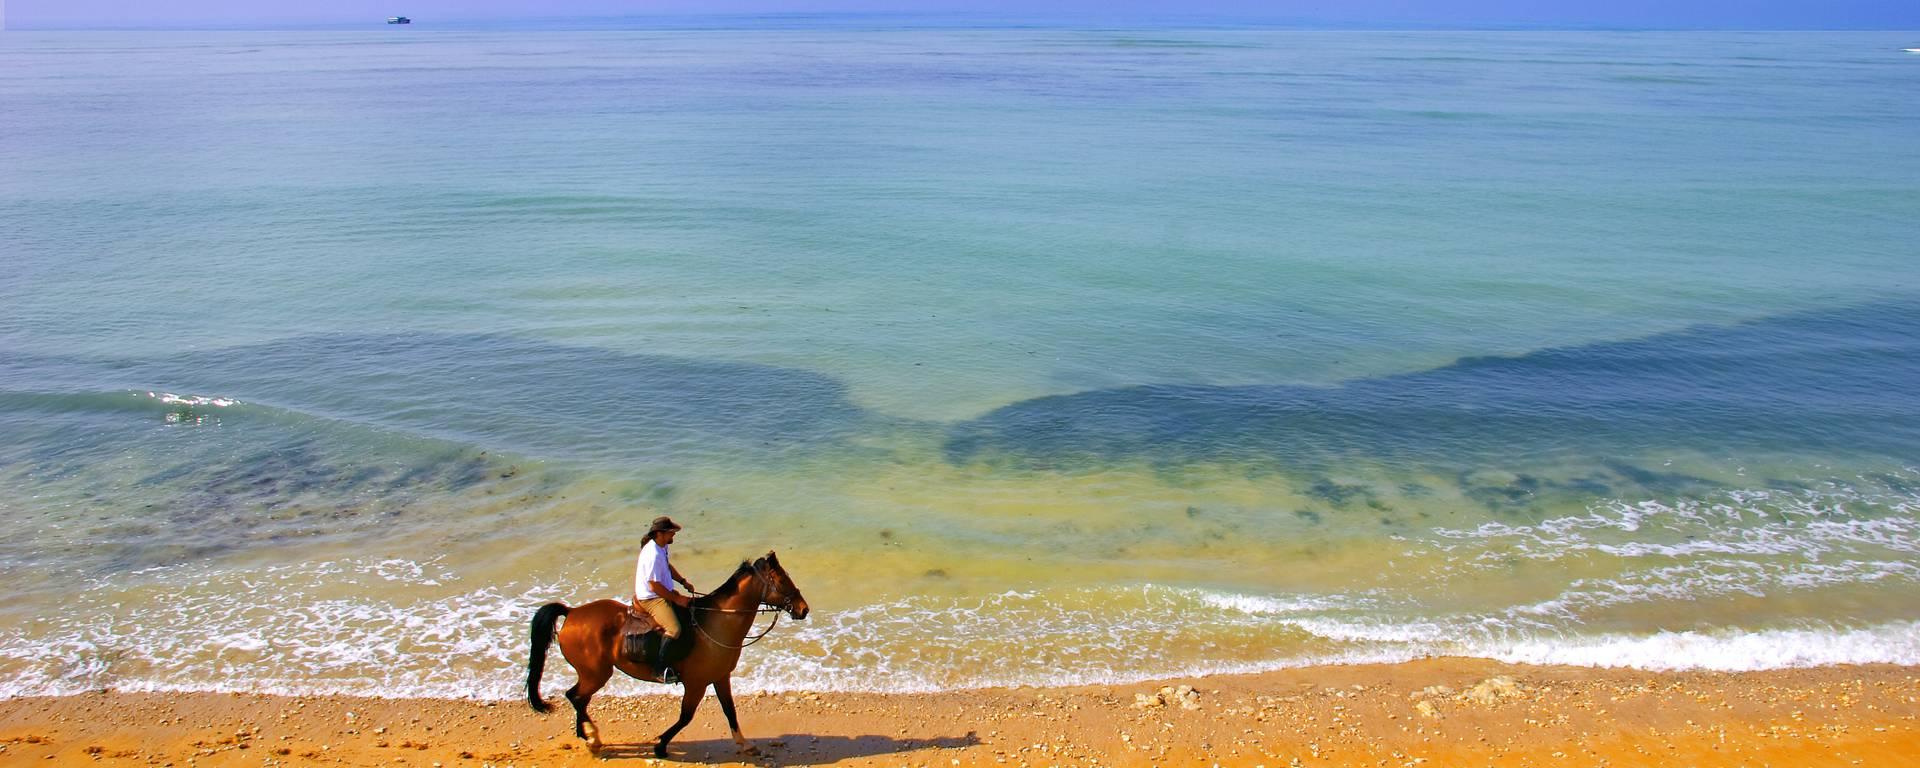 Balade à cheval sur la plage par François Blanchard